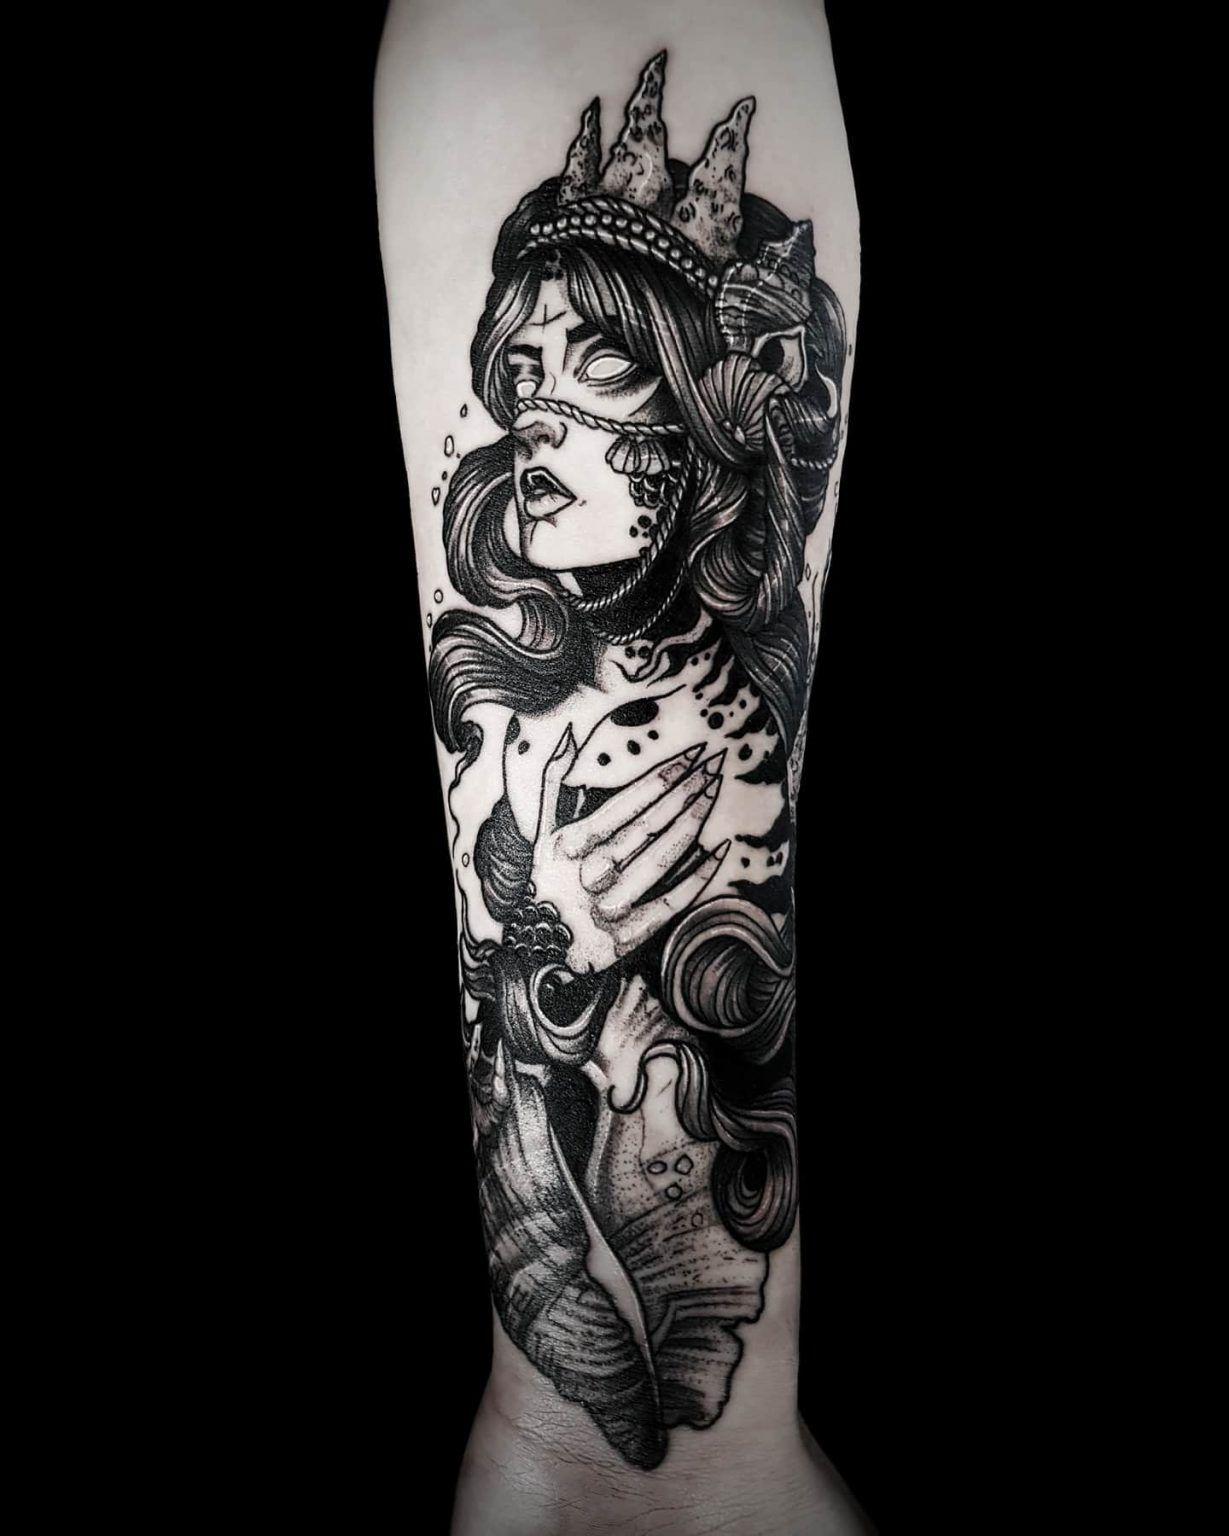 Top 55 Best Mermaid Tattoo Ideas 2020 Inspiration Guide In 2020 Mermaid Tattoos Mermaid Tattoo Traditional Mermaid Tattoos